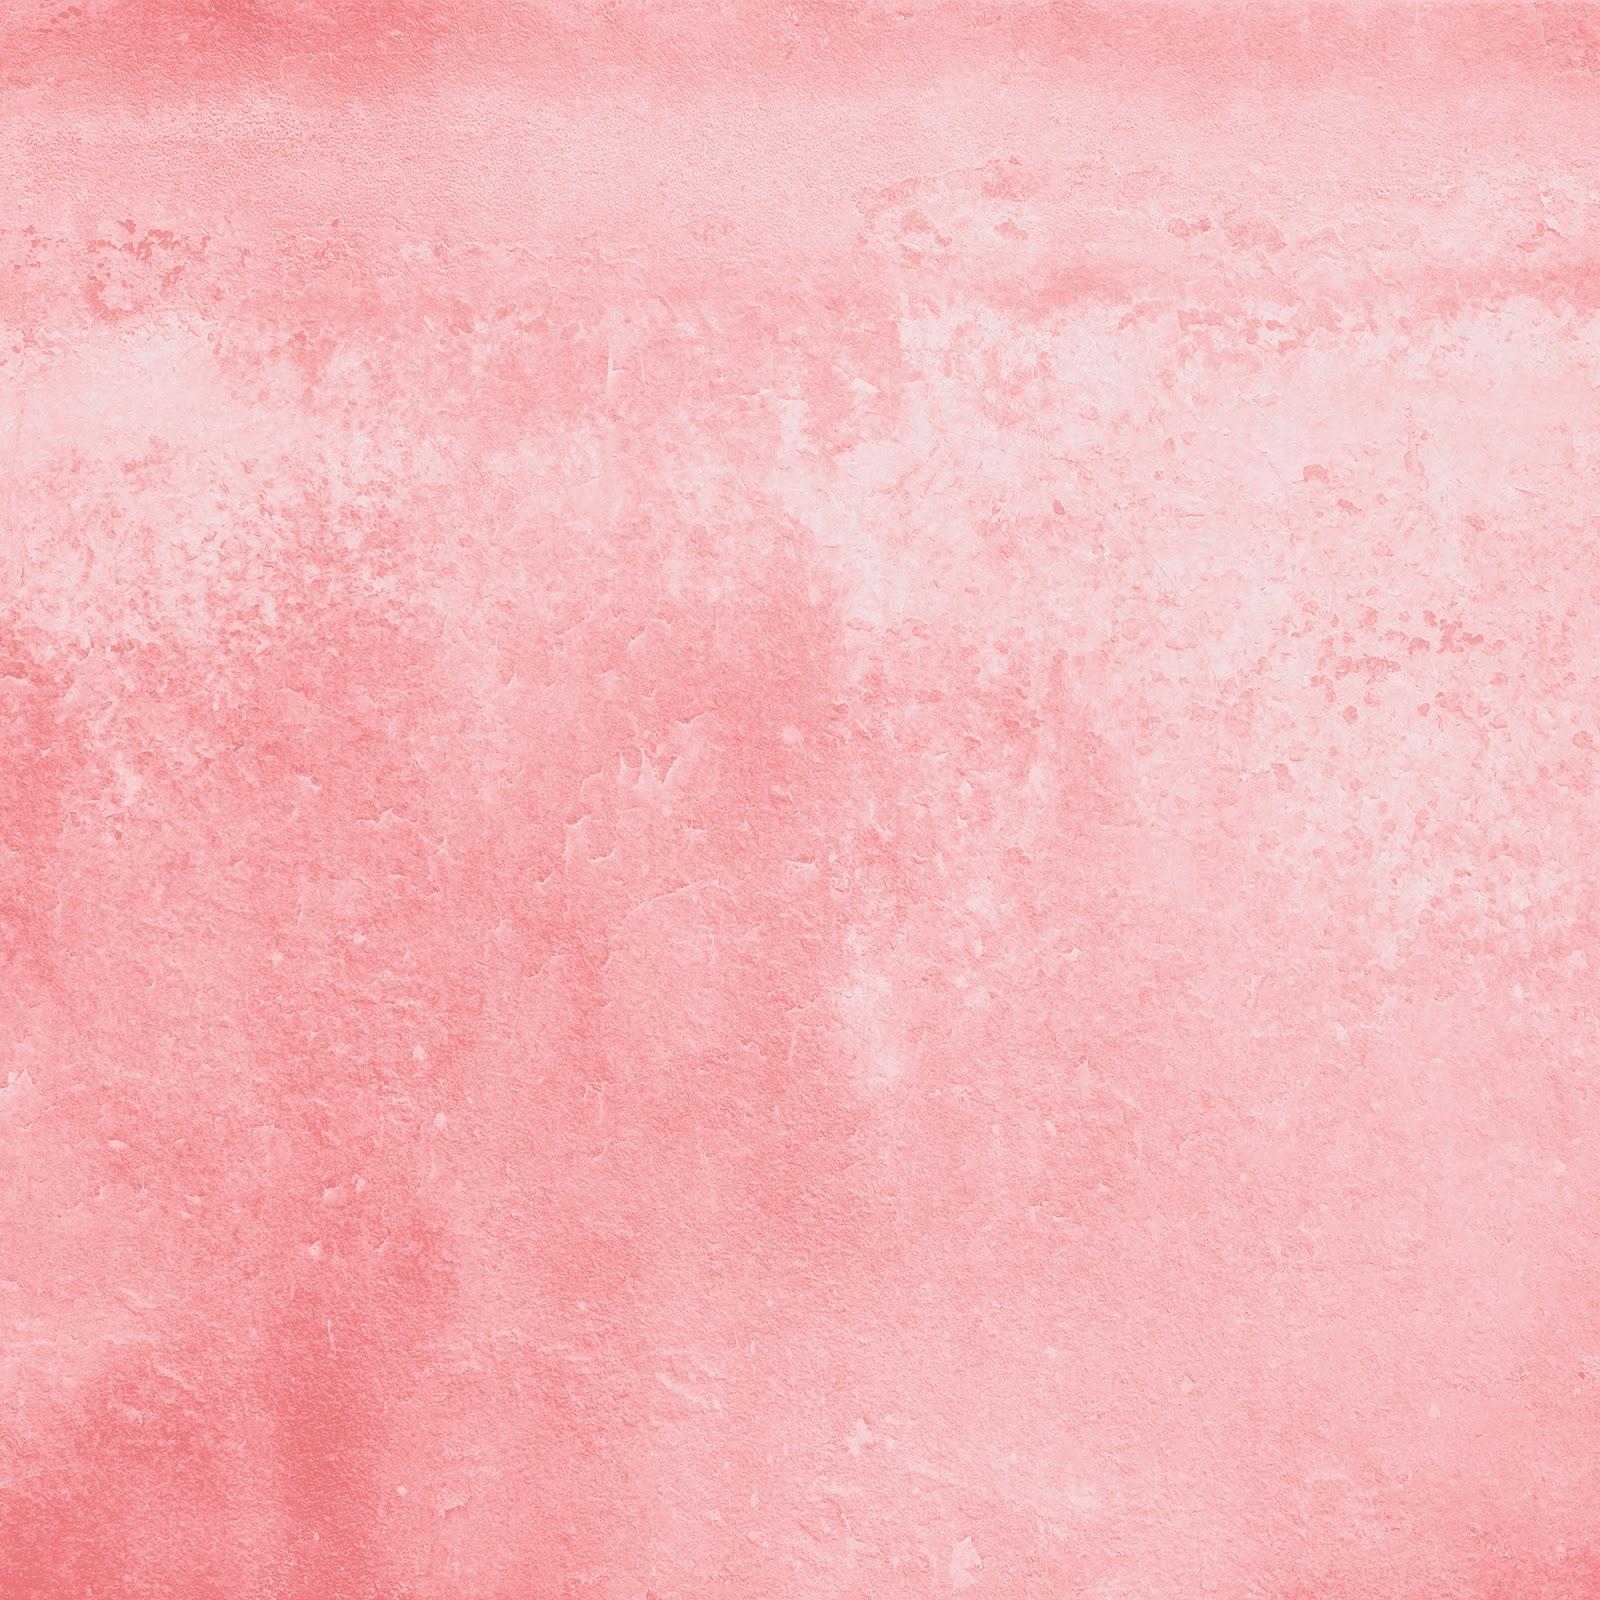 45 Pastel Pink Wallpaper On Wallpapersafari